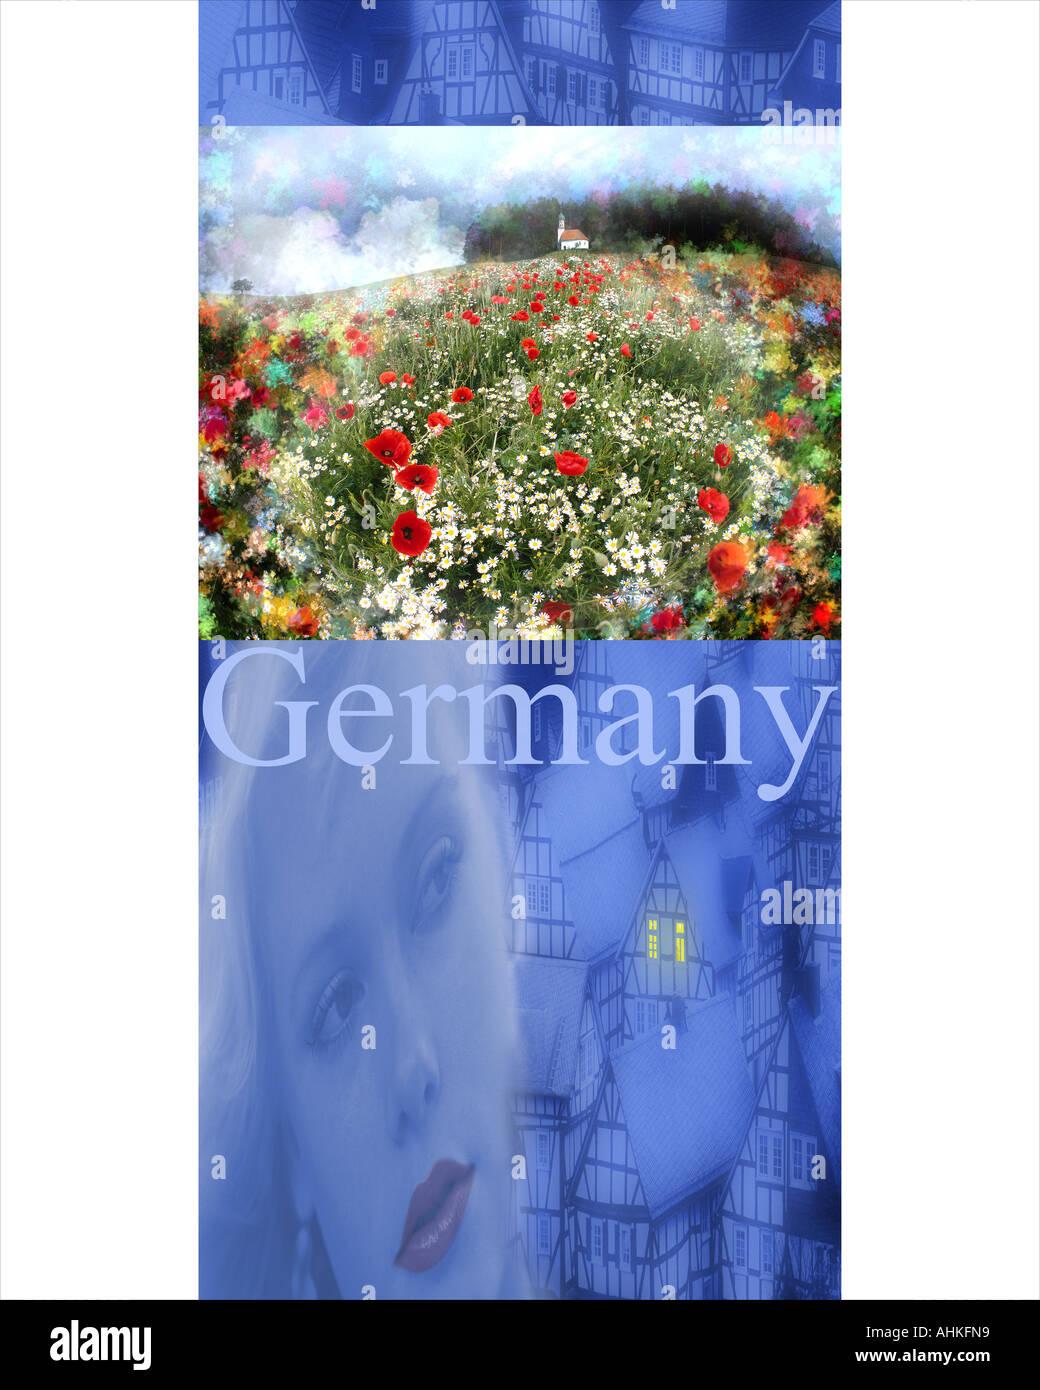 Concetto di viaggio: Germania Immagini Stock